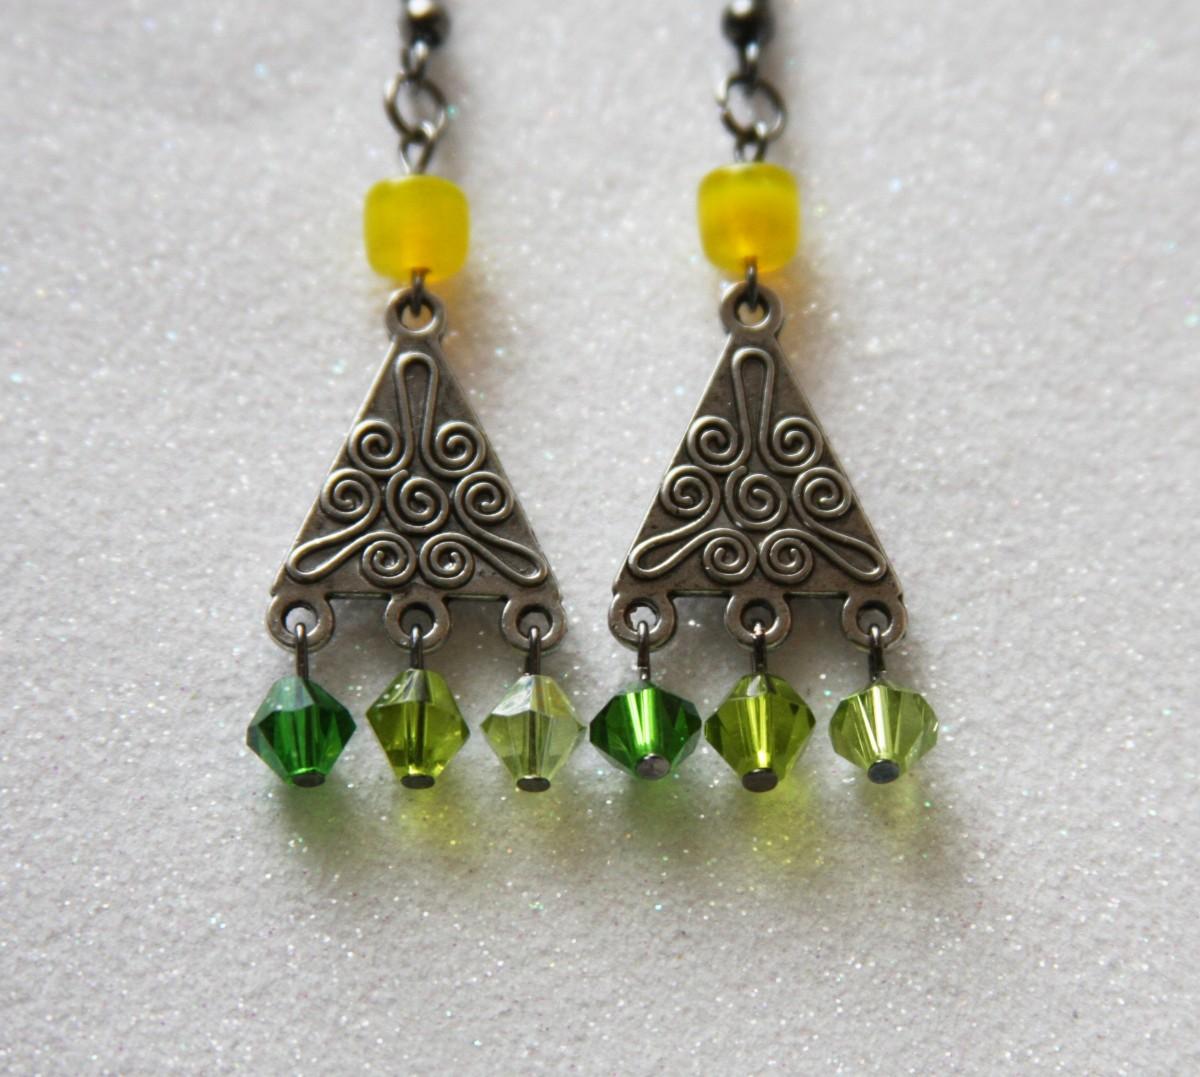 Fotos gratis hembra tal n joyer a joya aretes piedra preciosa accesorios de moda - Fotos de pendientes ...